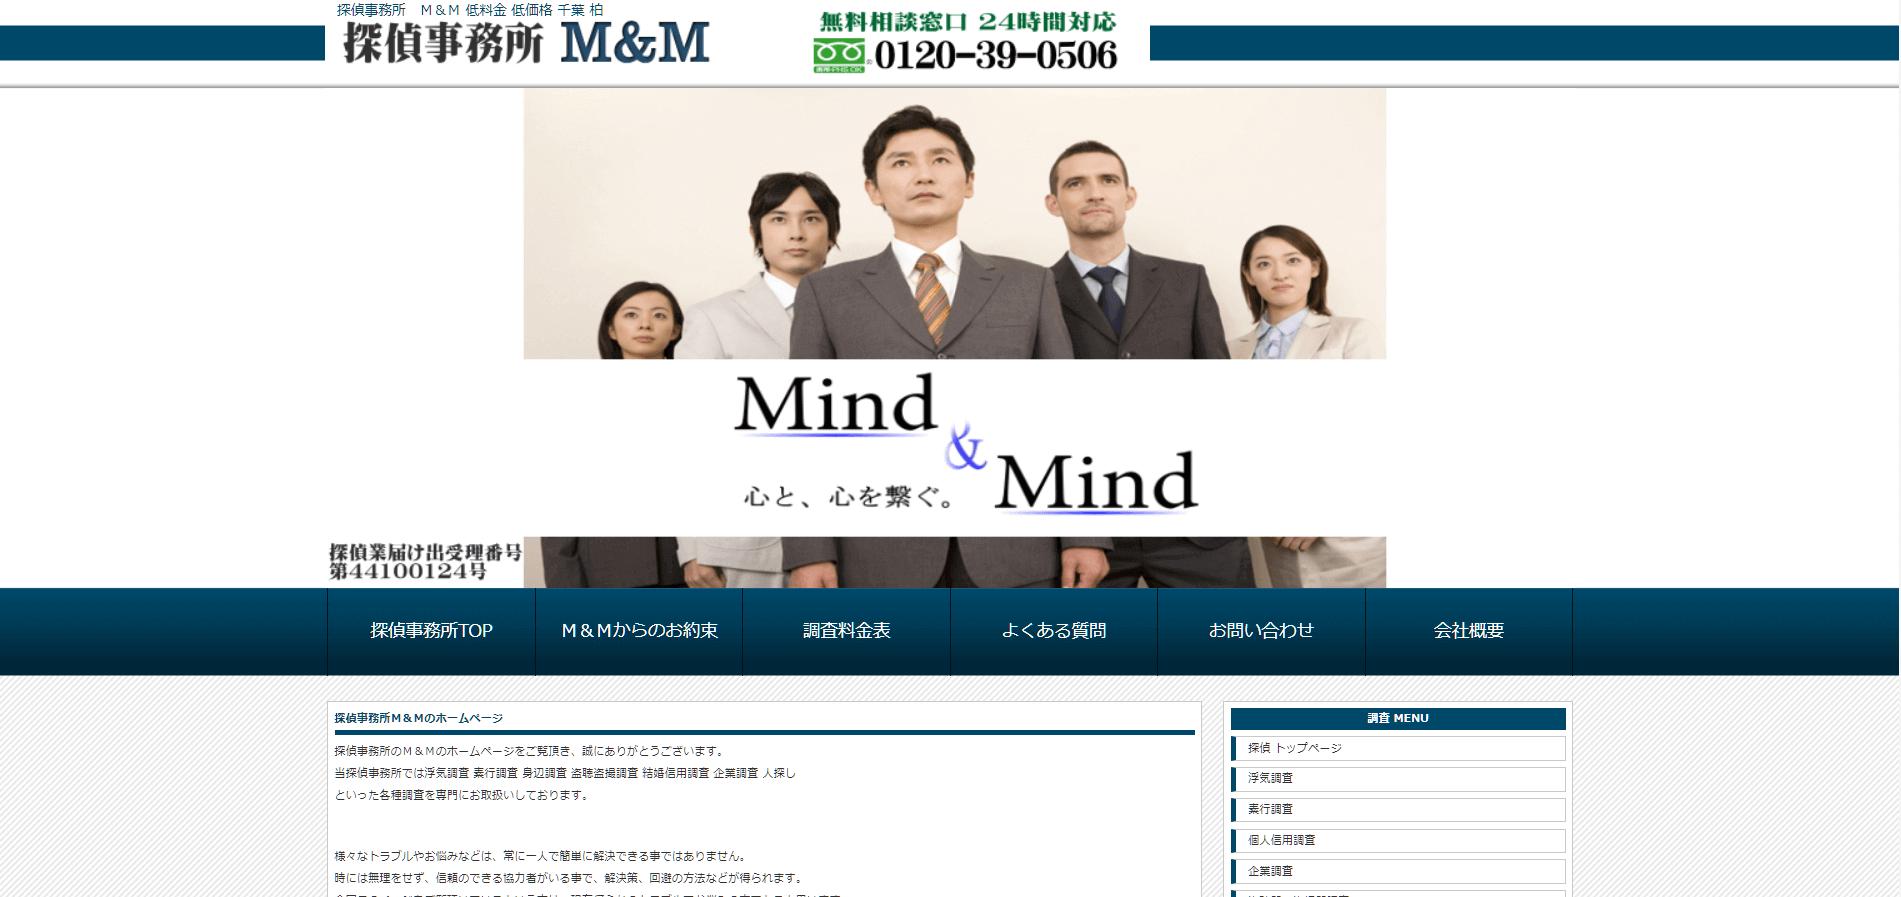 離婚探偵事務所M&M